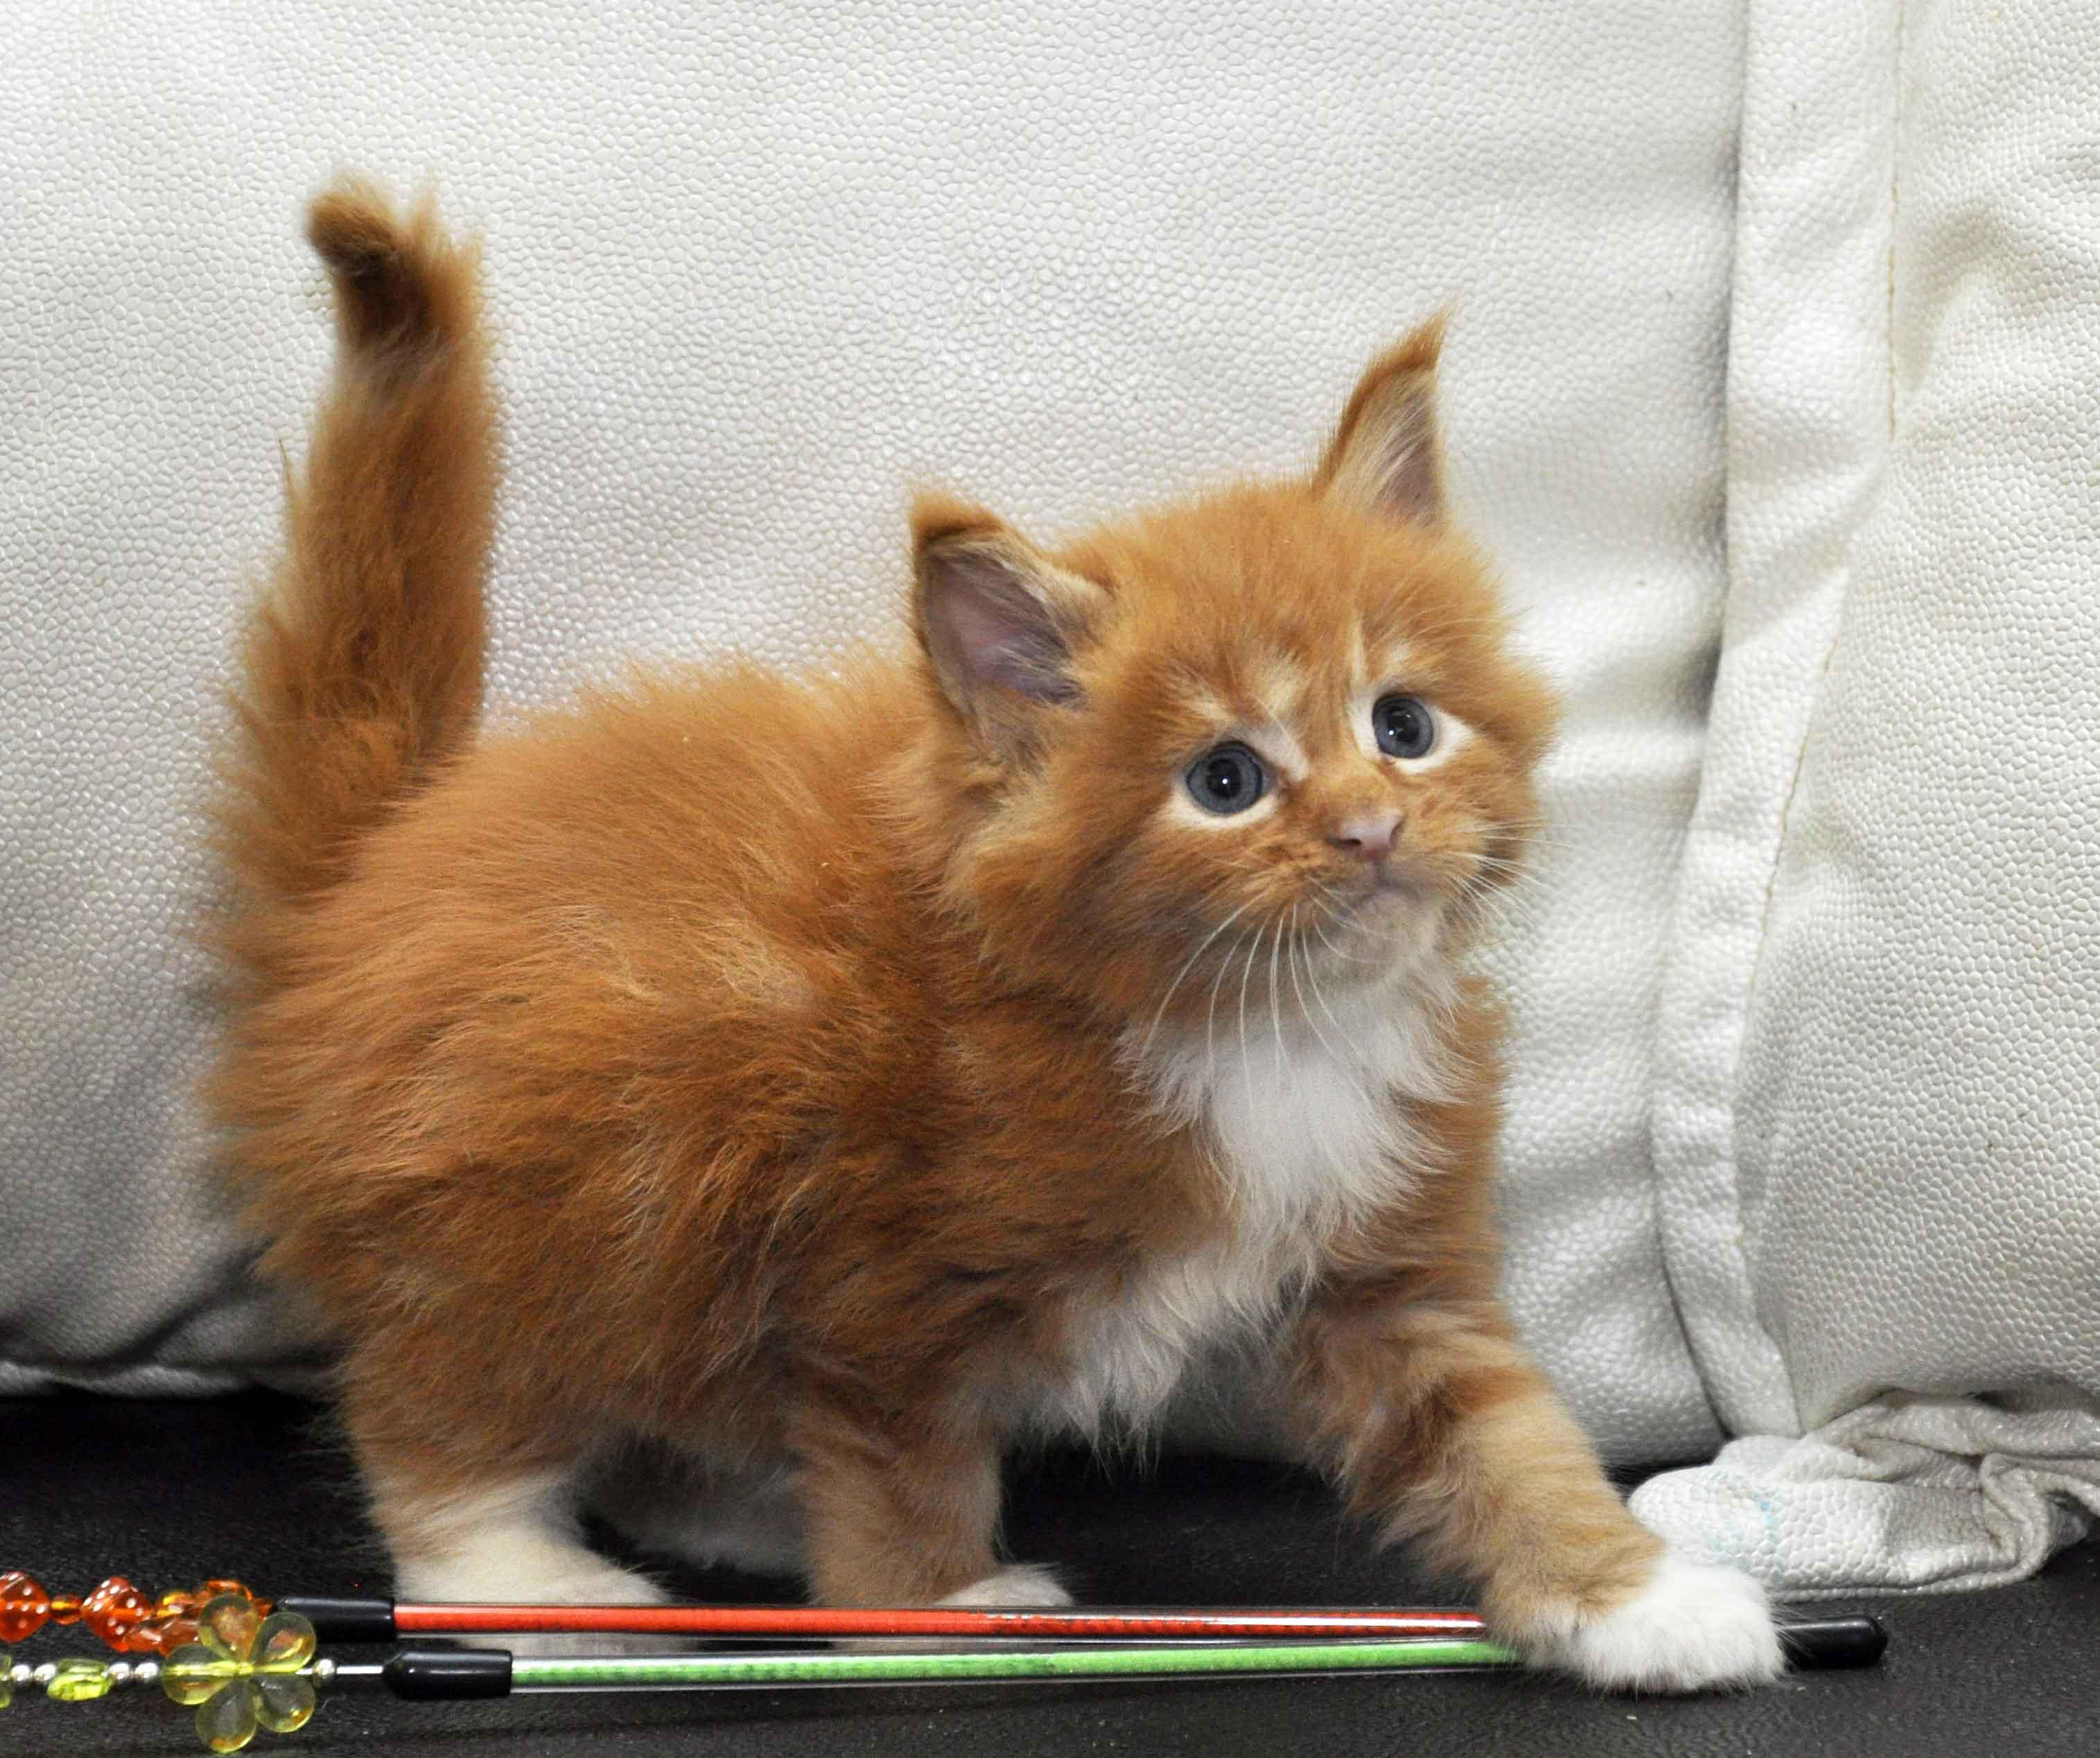 Котята Мейн Кун окрас красный мрамор с белым фото 8